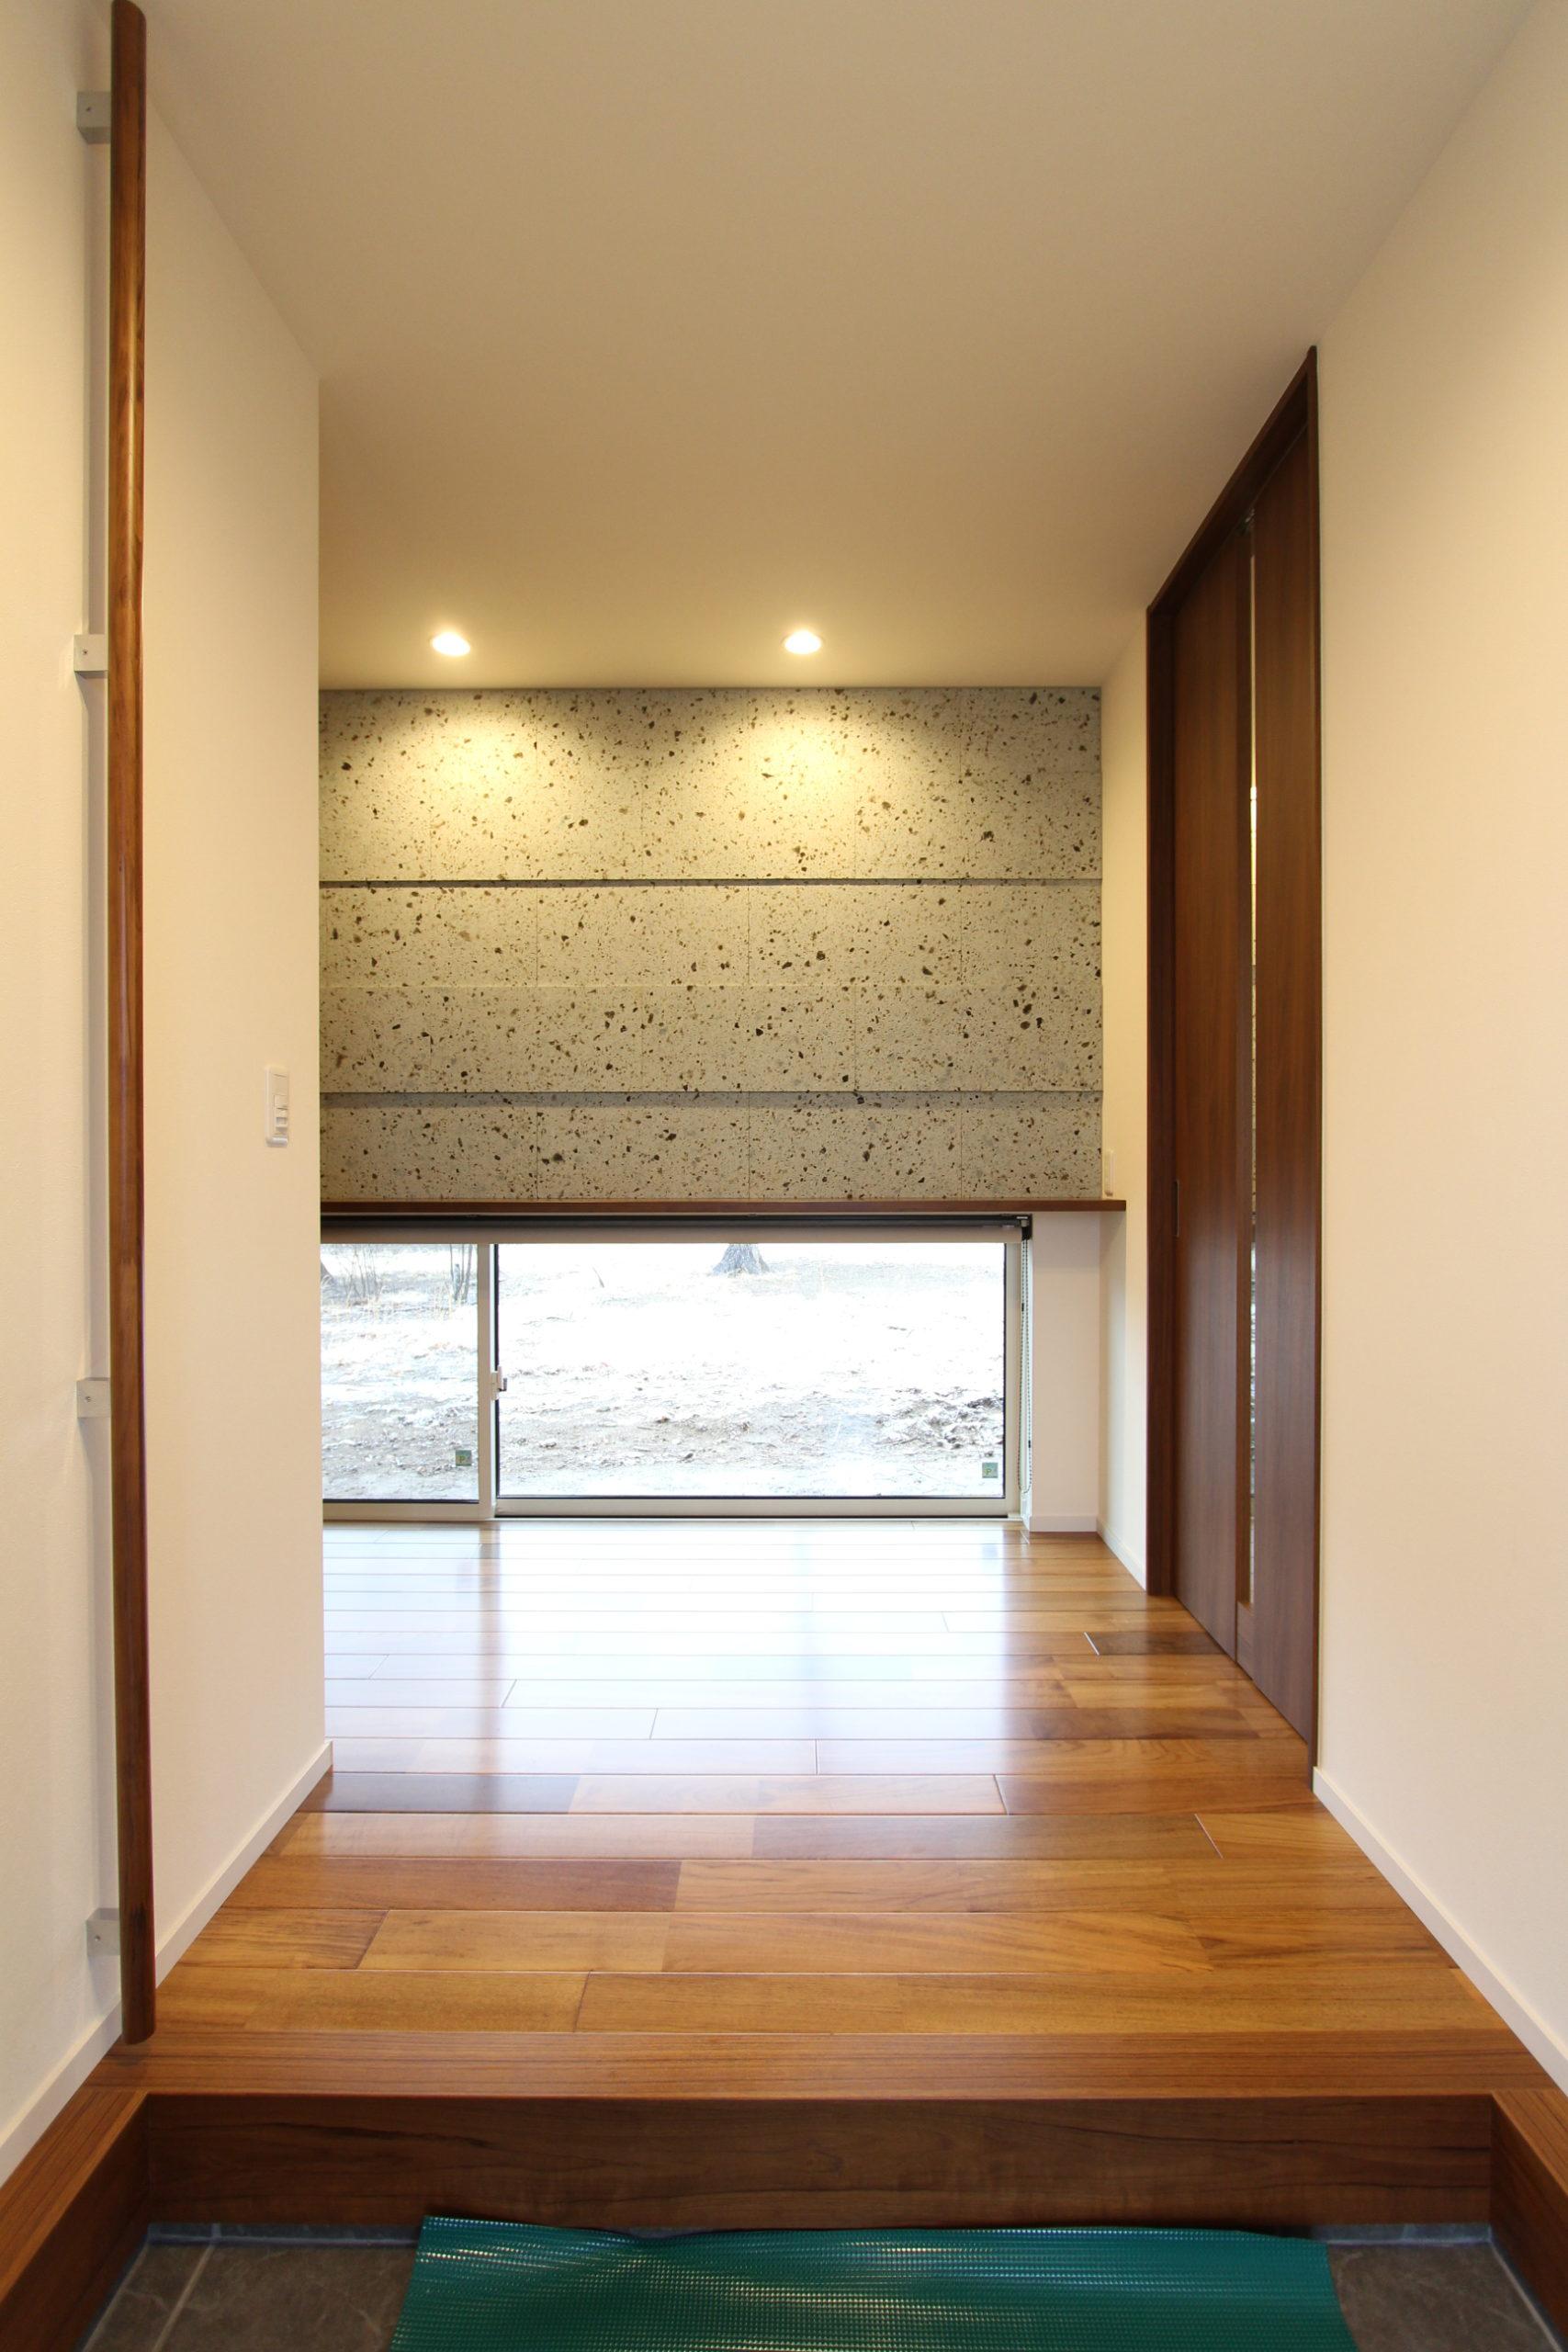 玄関正面に大谷石を貼りました。ダウンライトをあてることにより陰影がつきより一層引き立ちます。